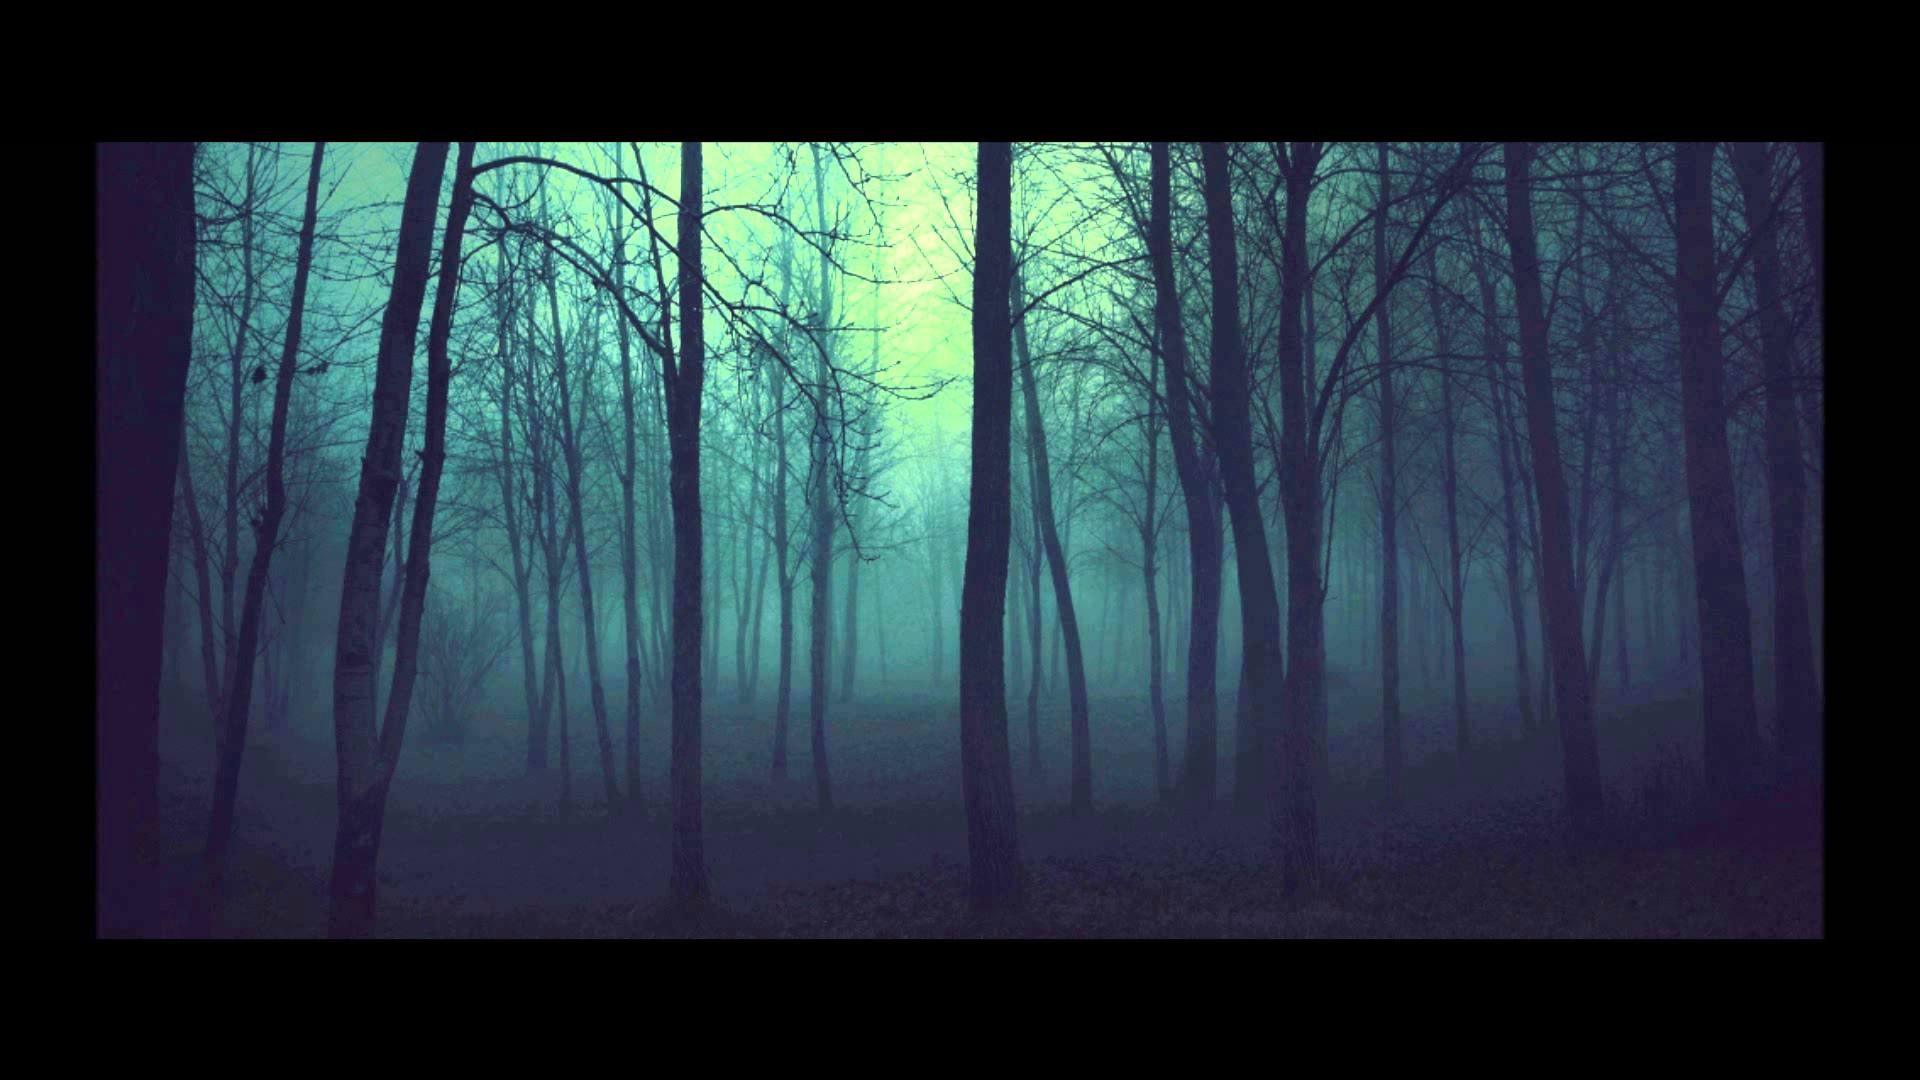 Attractive-Dark-Woods-Wallpapers-HD-Pictures.jpg